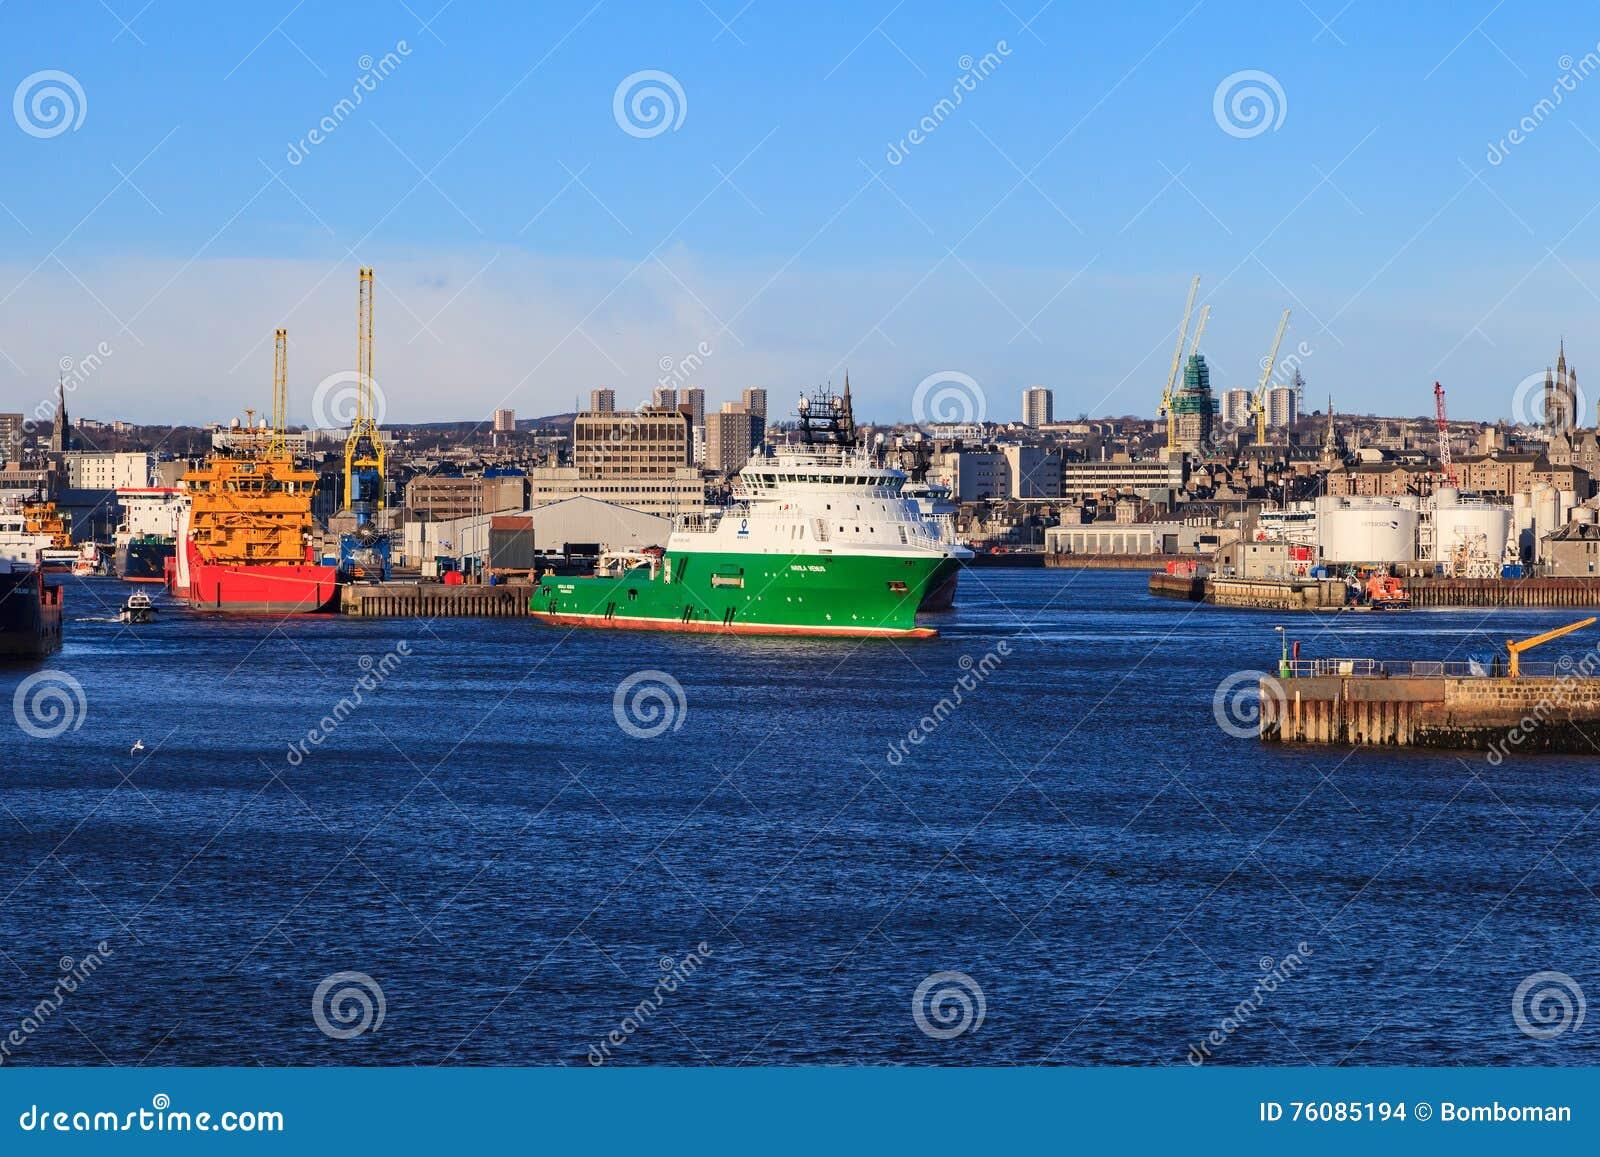 Grands bateaux d approvisionnement dans le port d Aberdeen le 30 janvier 2016